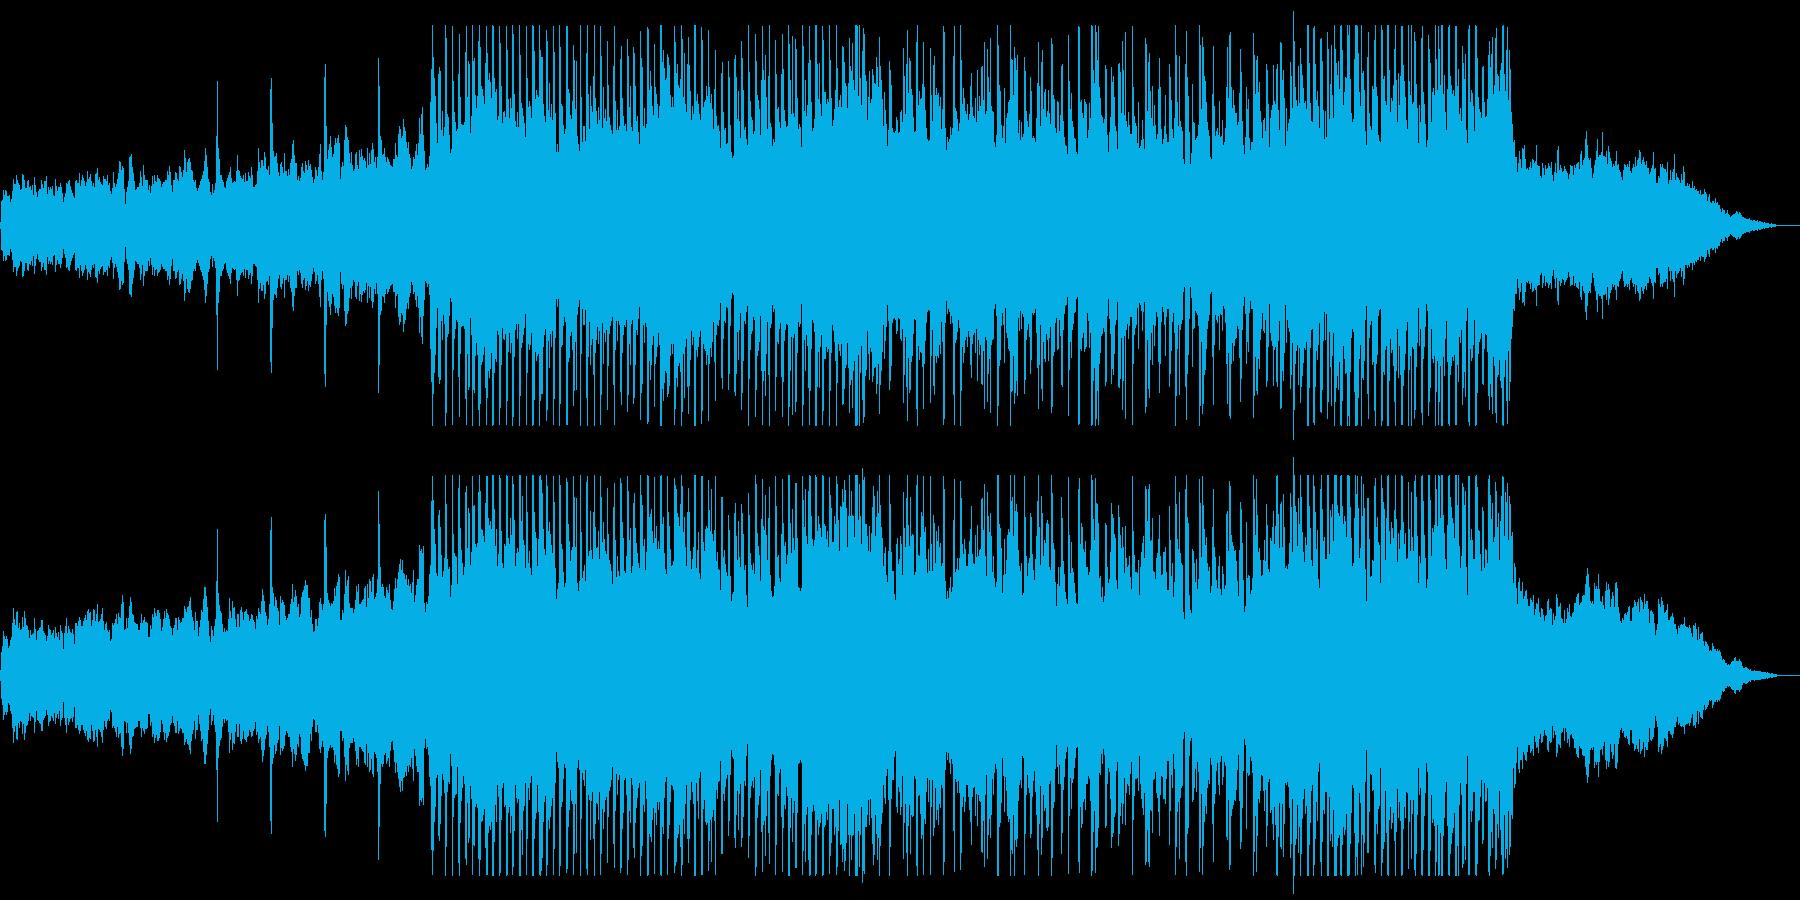 壮大で一体感のあるオーケストラサウンドの再生済みの波形